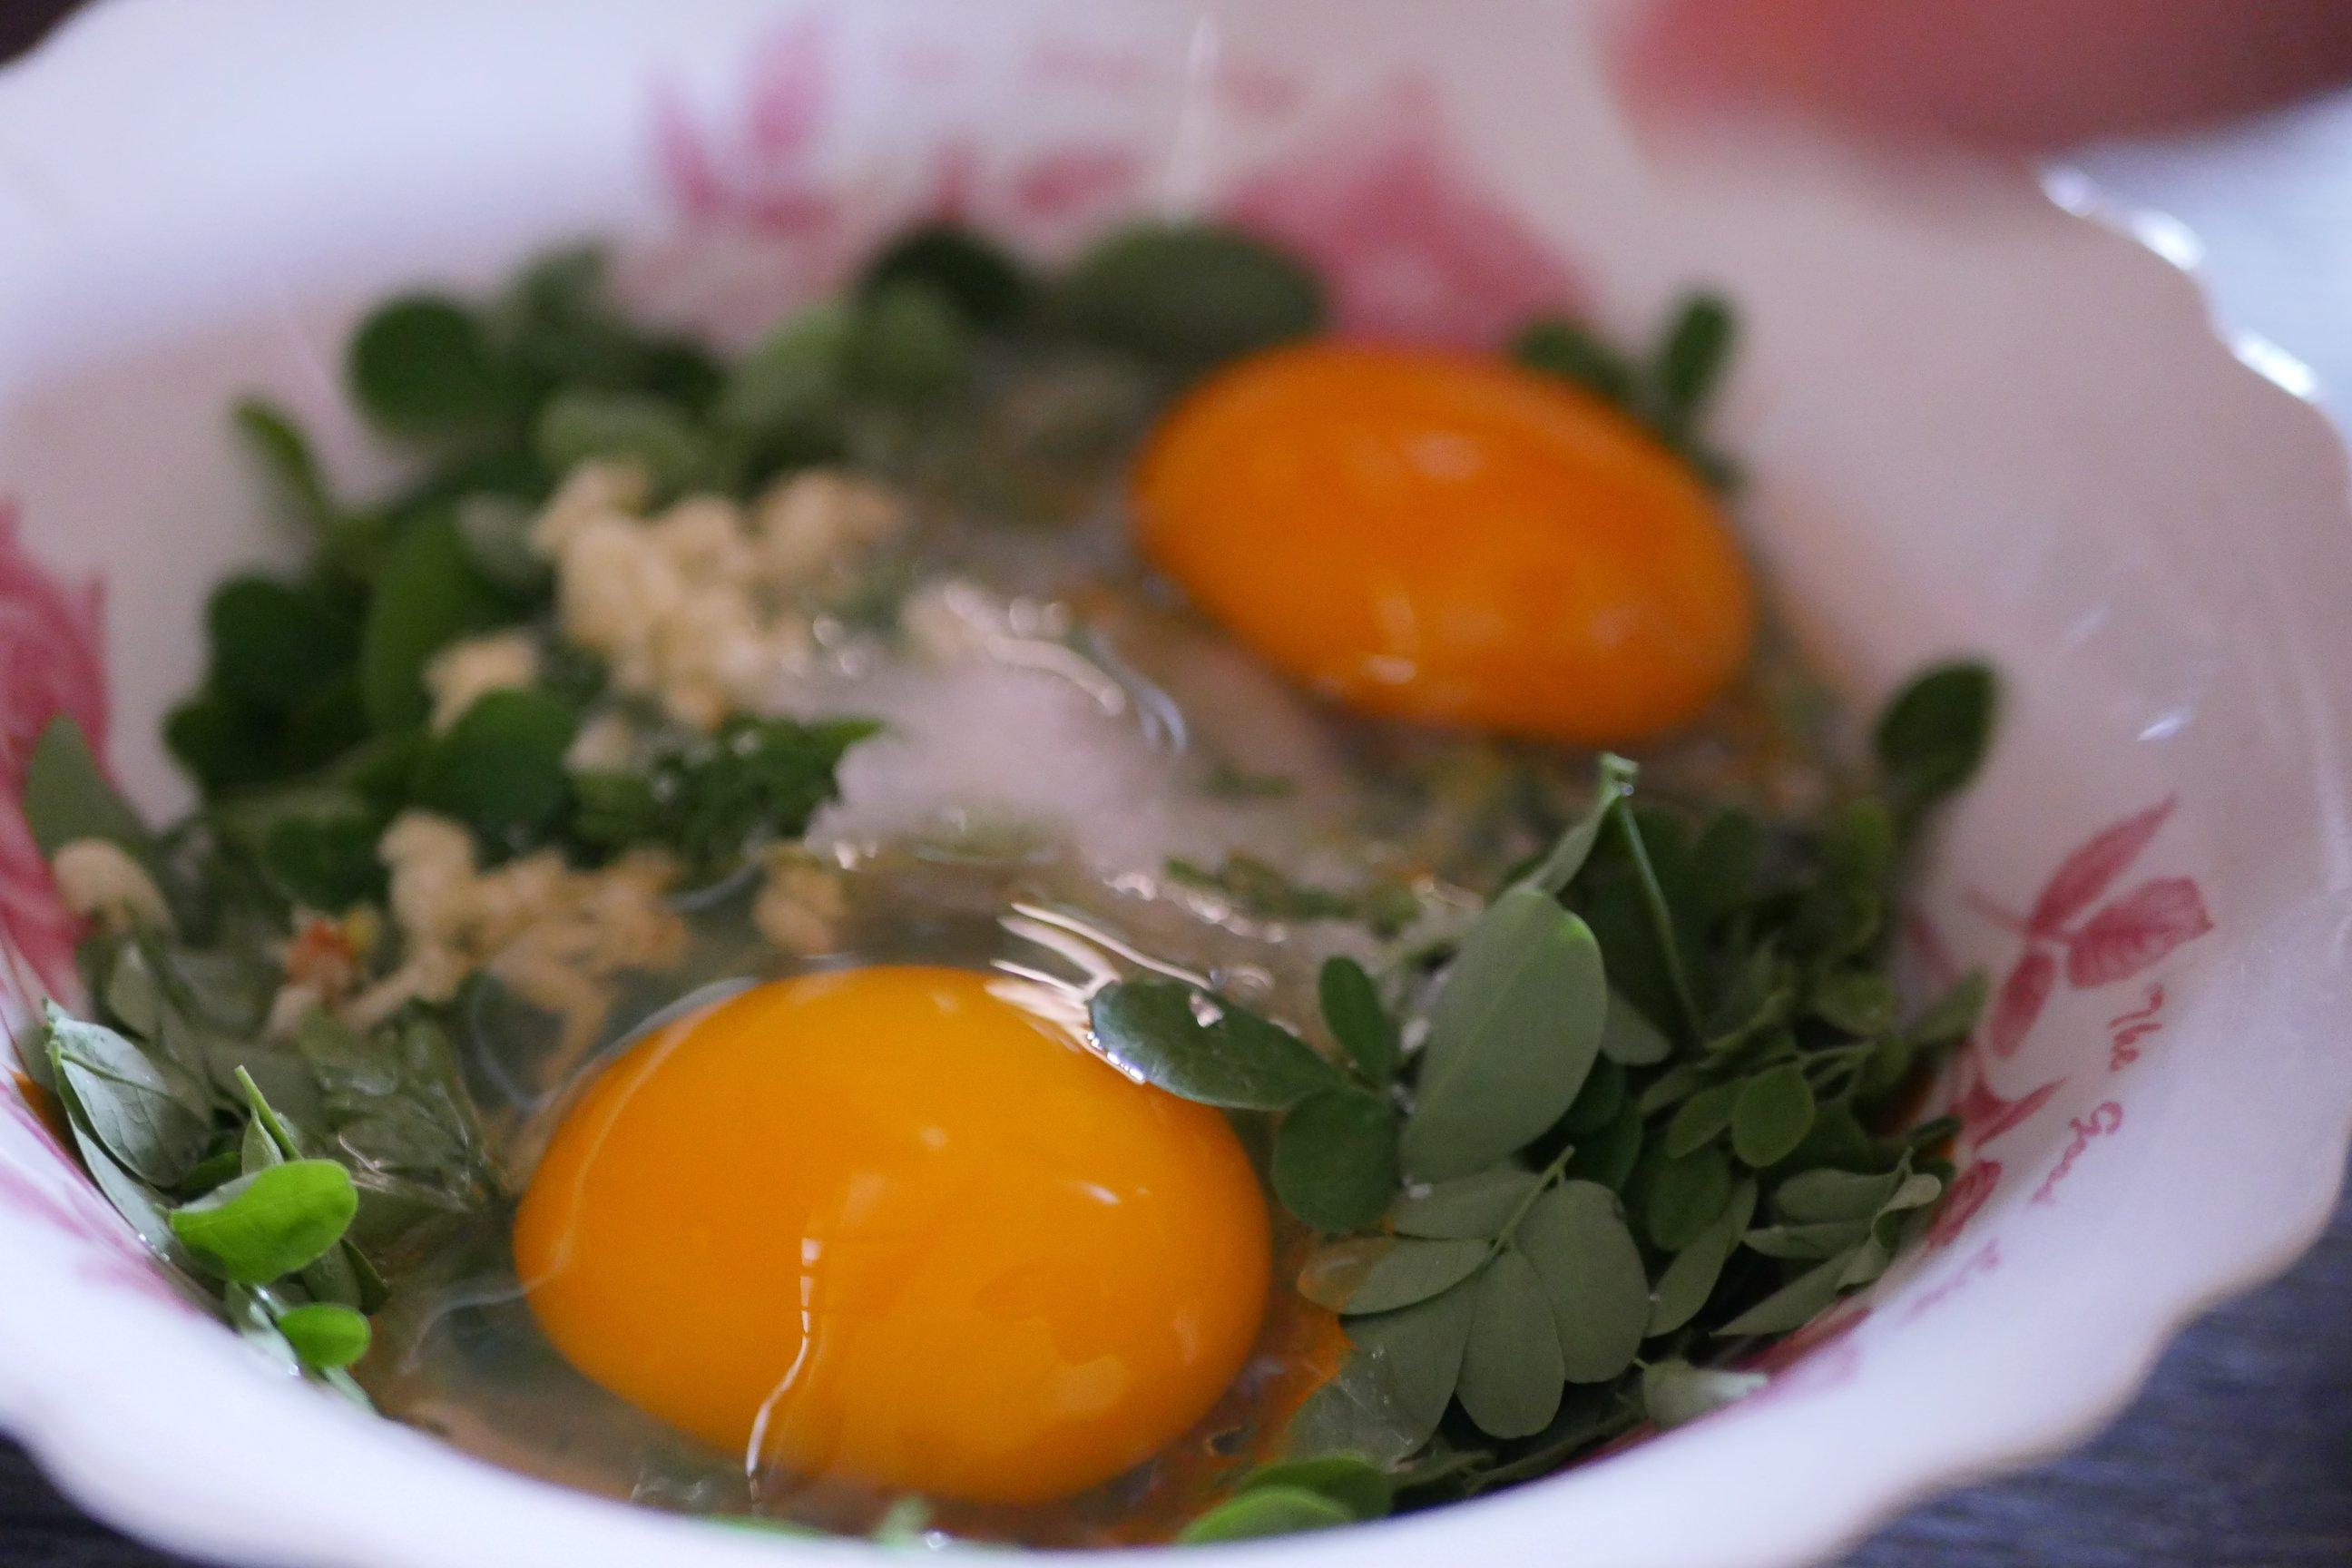 Khmer herb omelette made from duck eggs